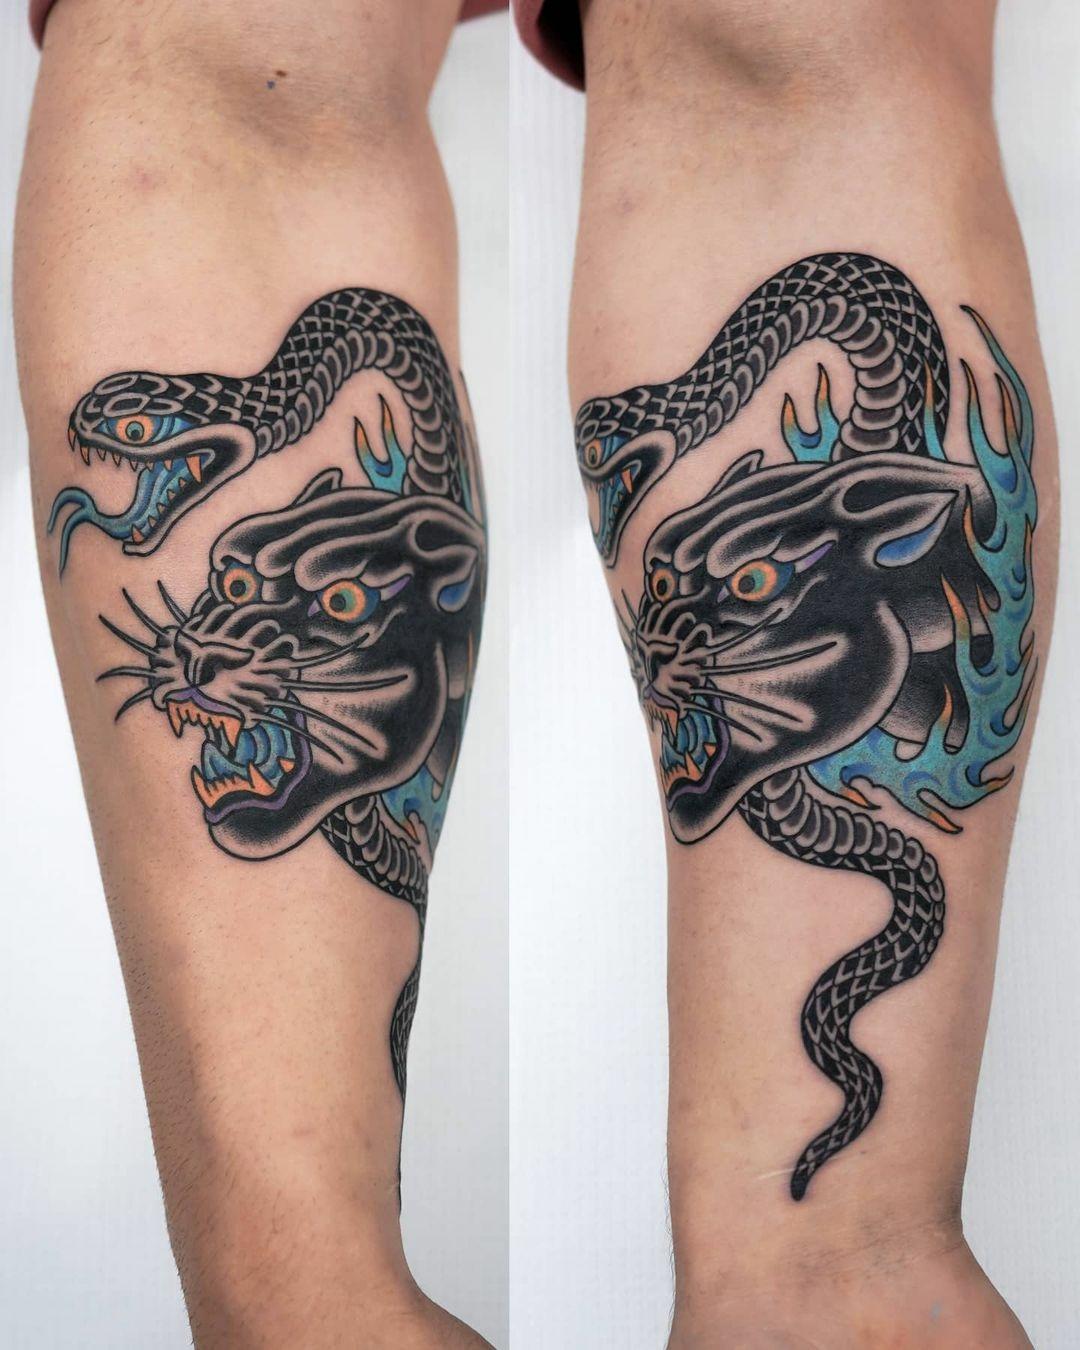 Inksearch tattoo Badi Tattoo